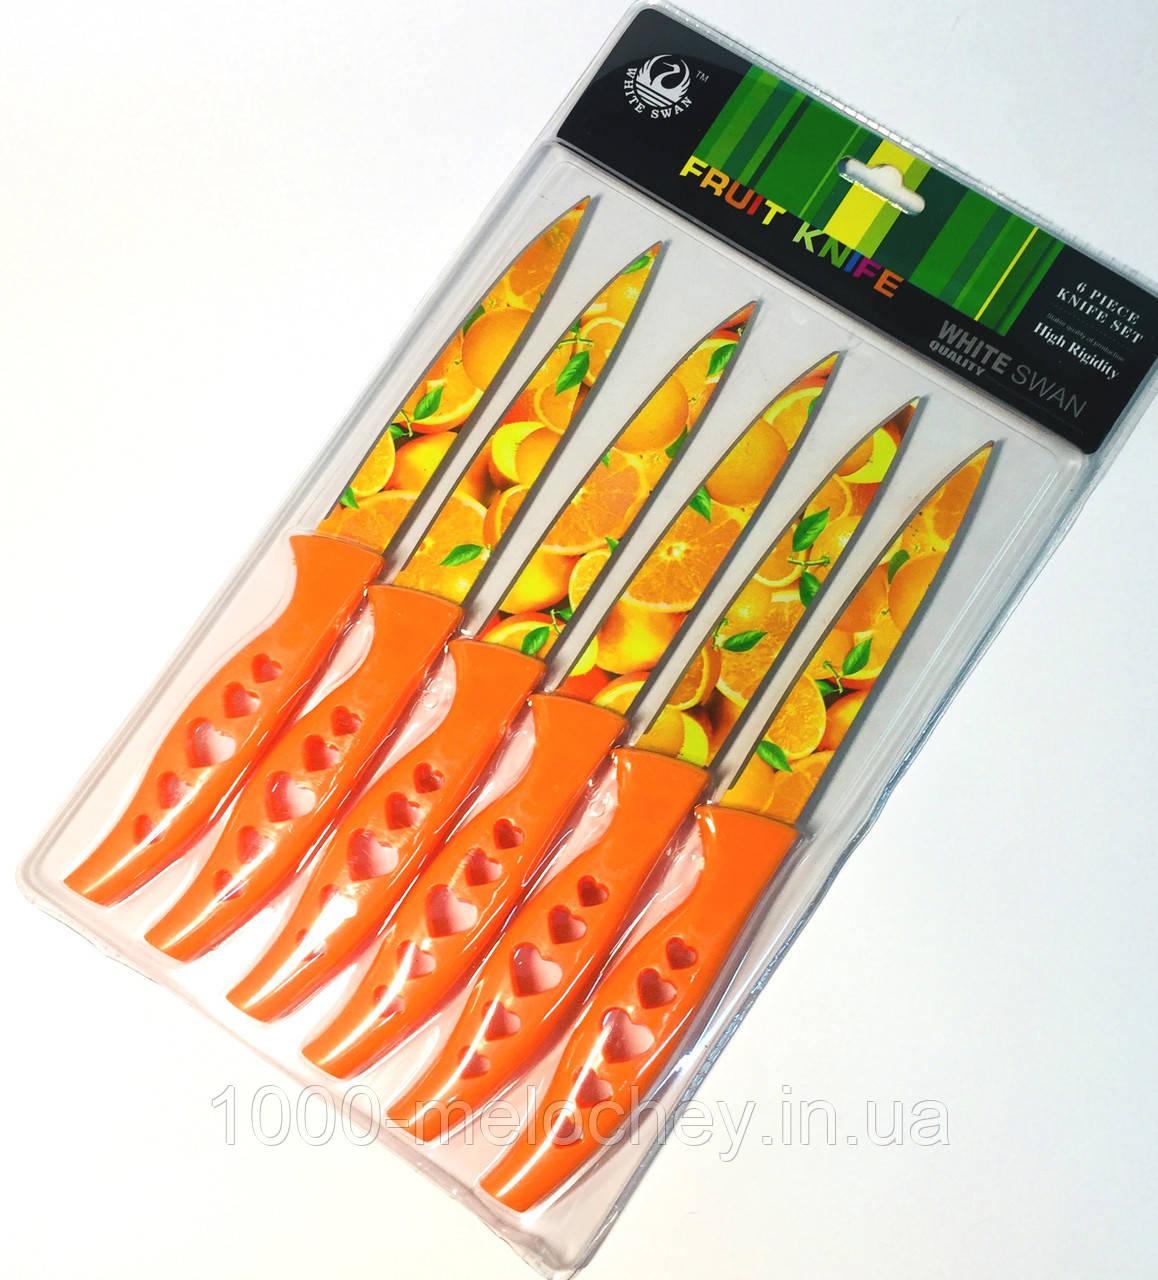 Набір кухонних ножів металокераміка середні 6 штук в наборі Серце (240mm)